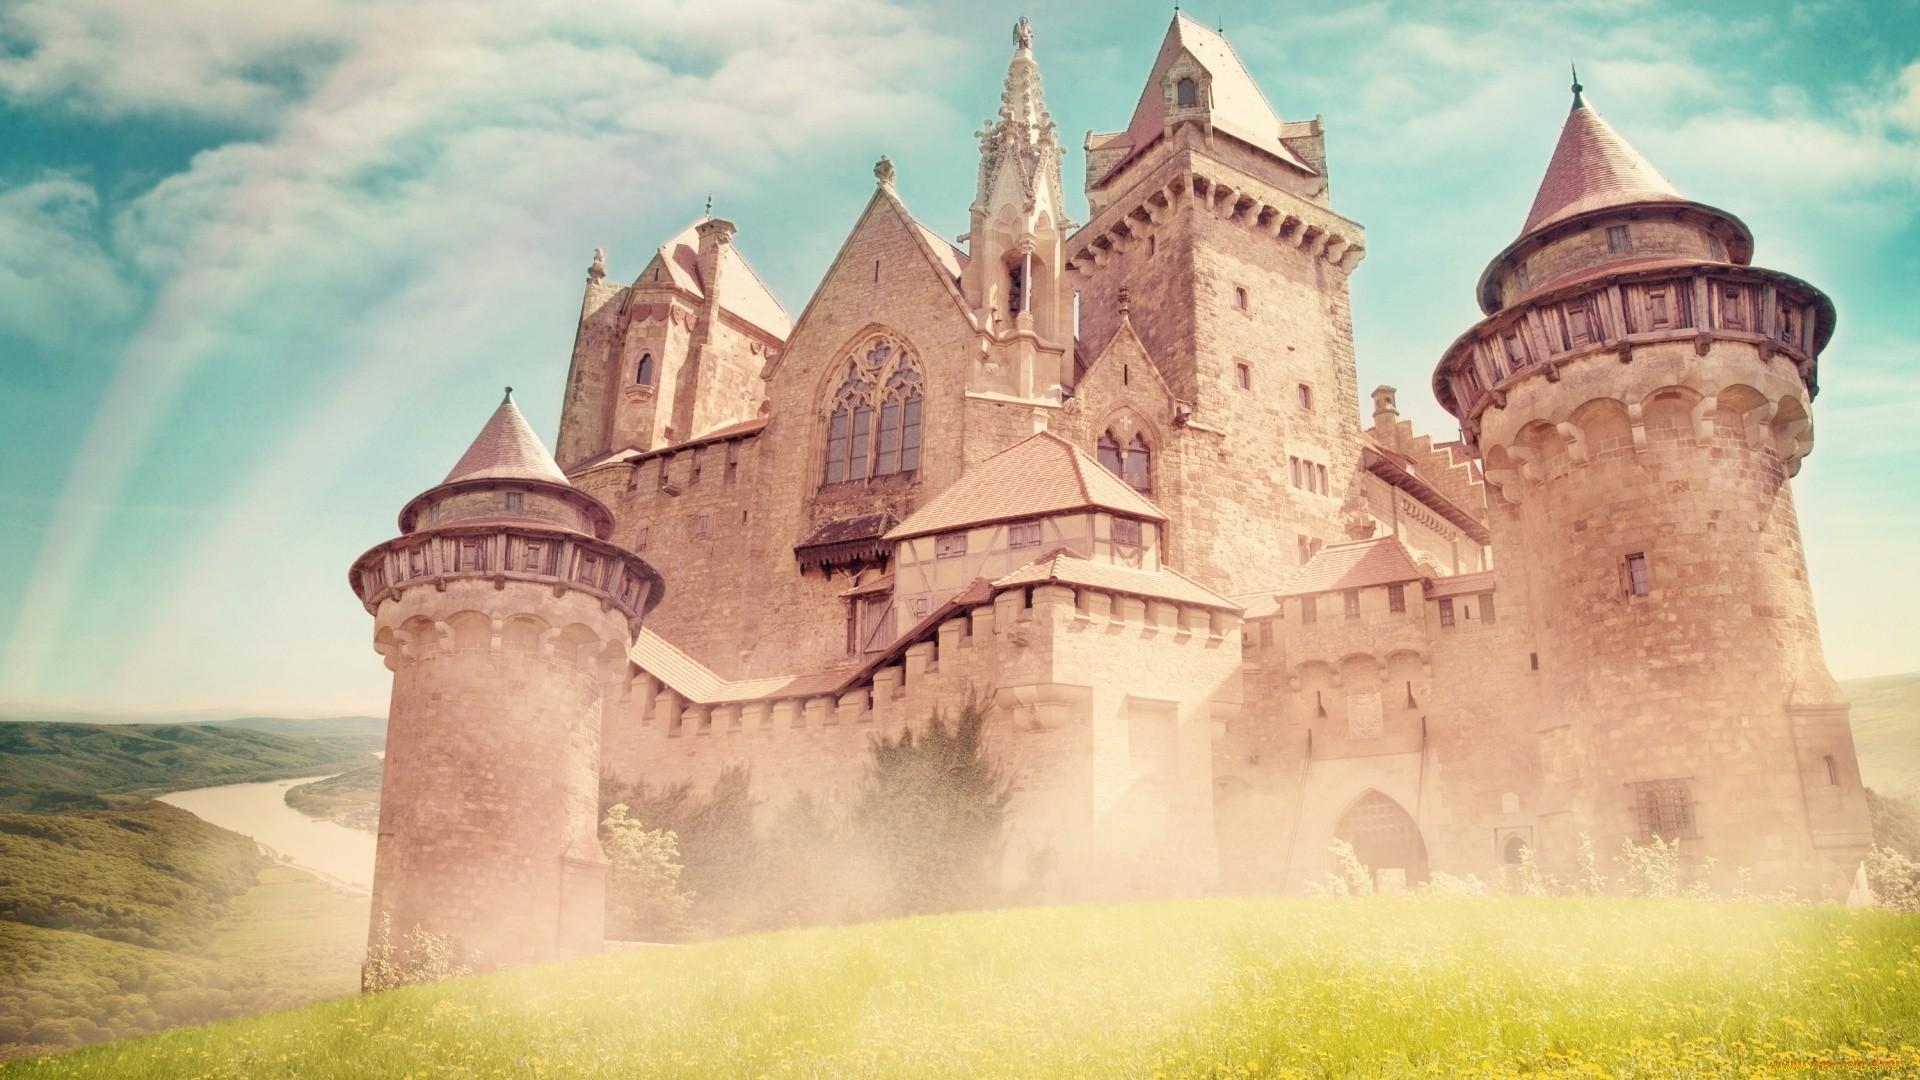 Castle Desktop wallpaper